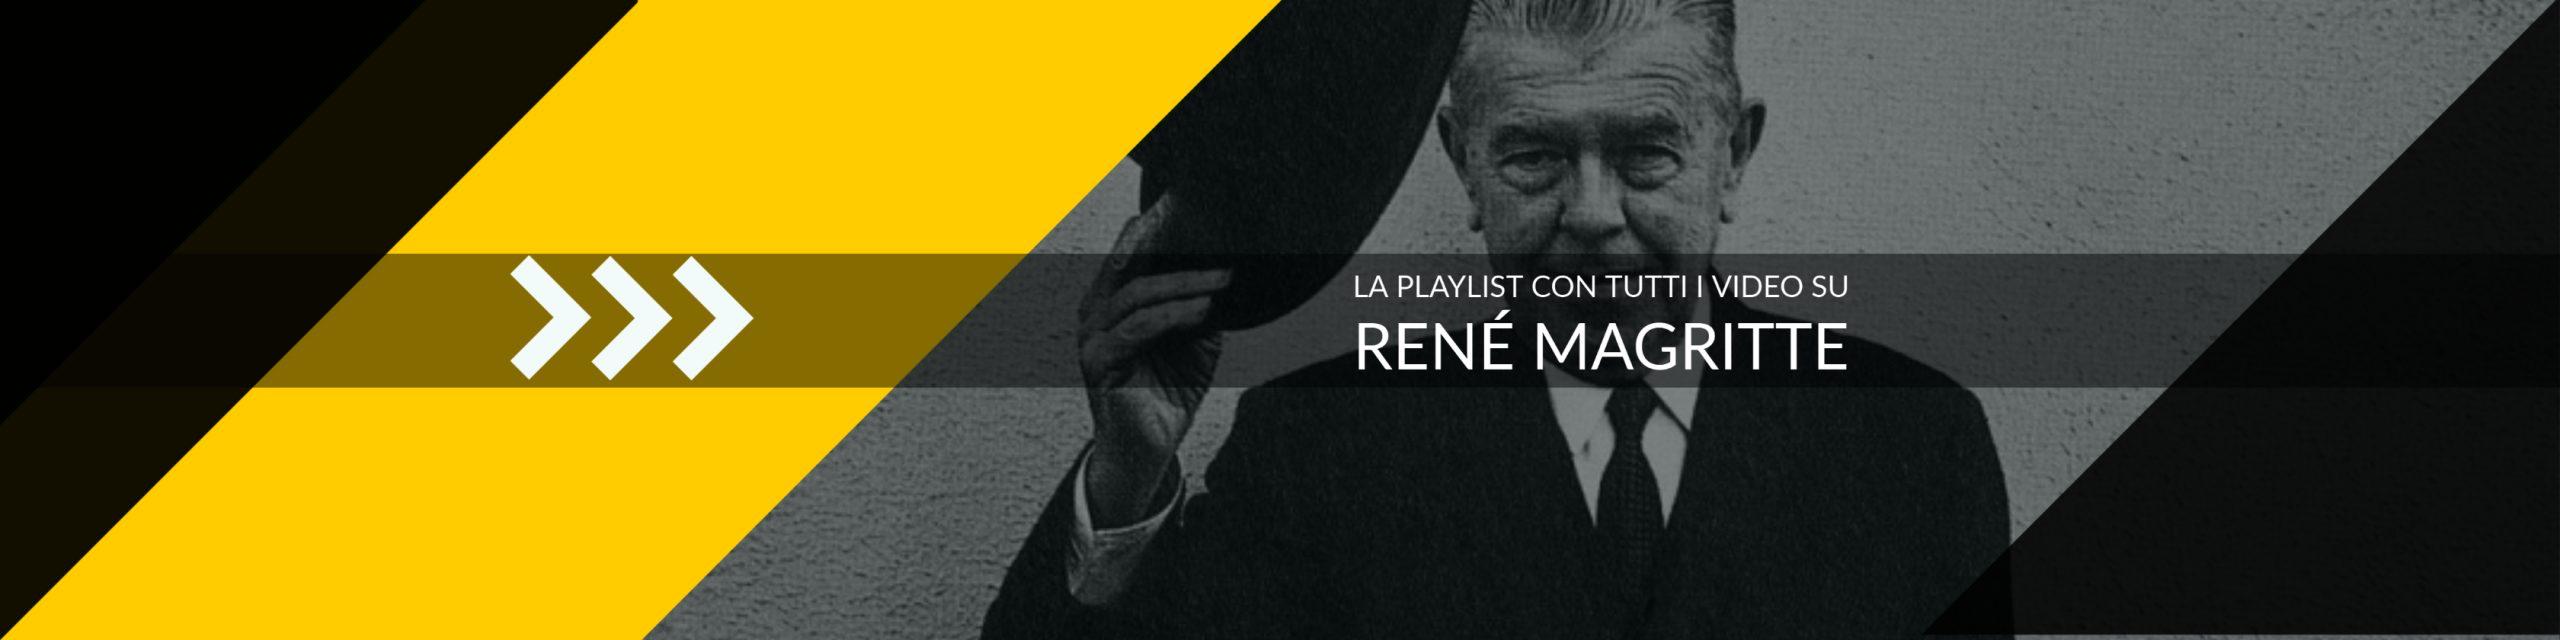 René Magritte, L'impero delle luci